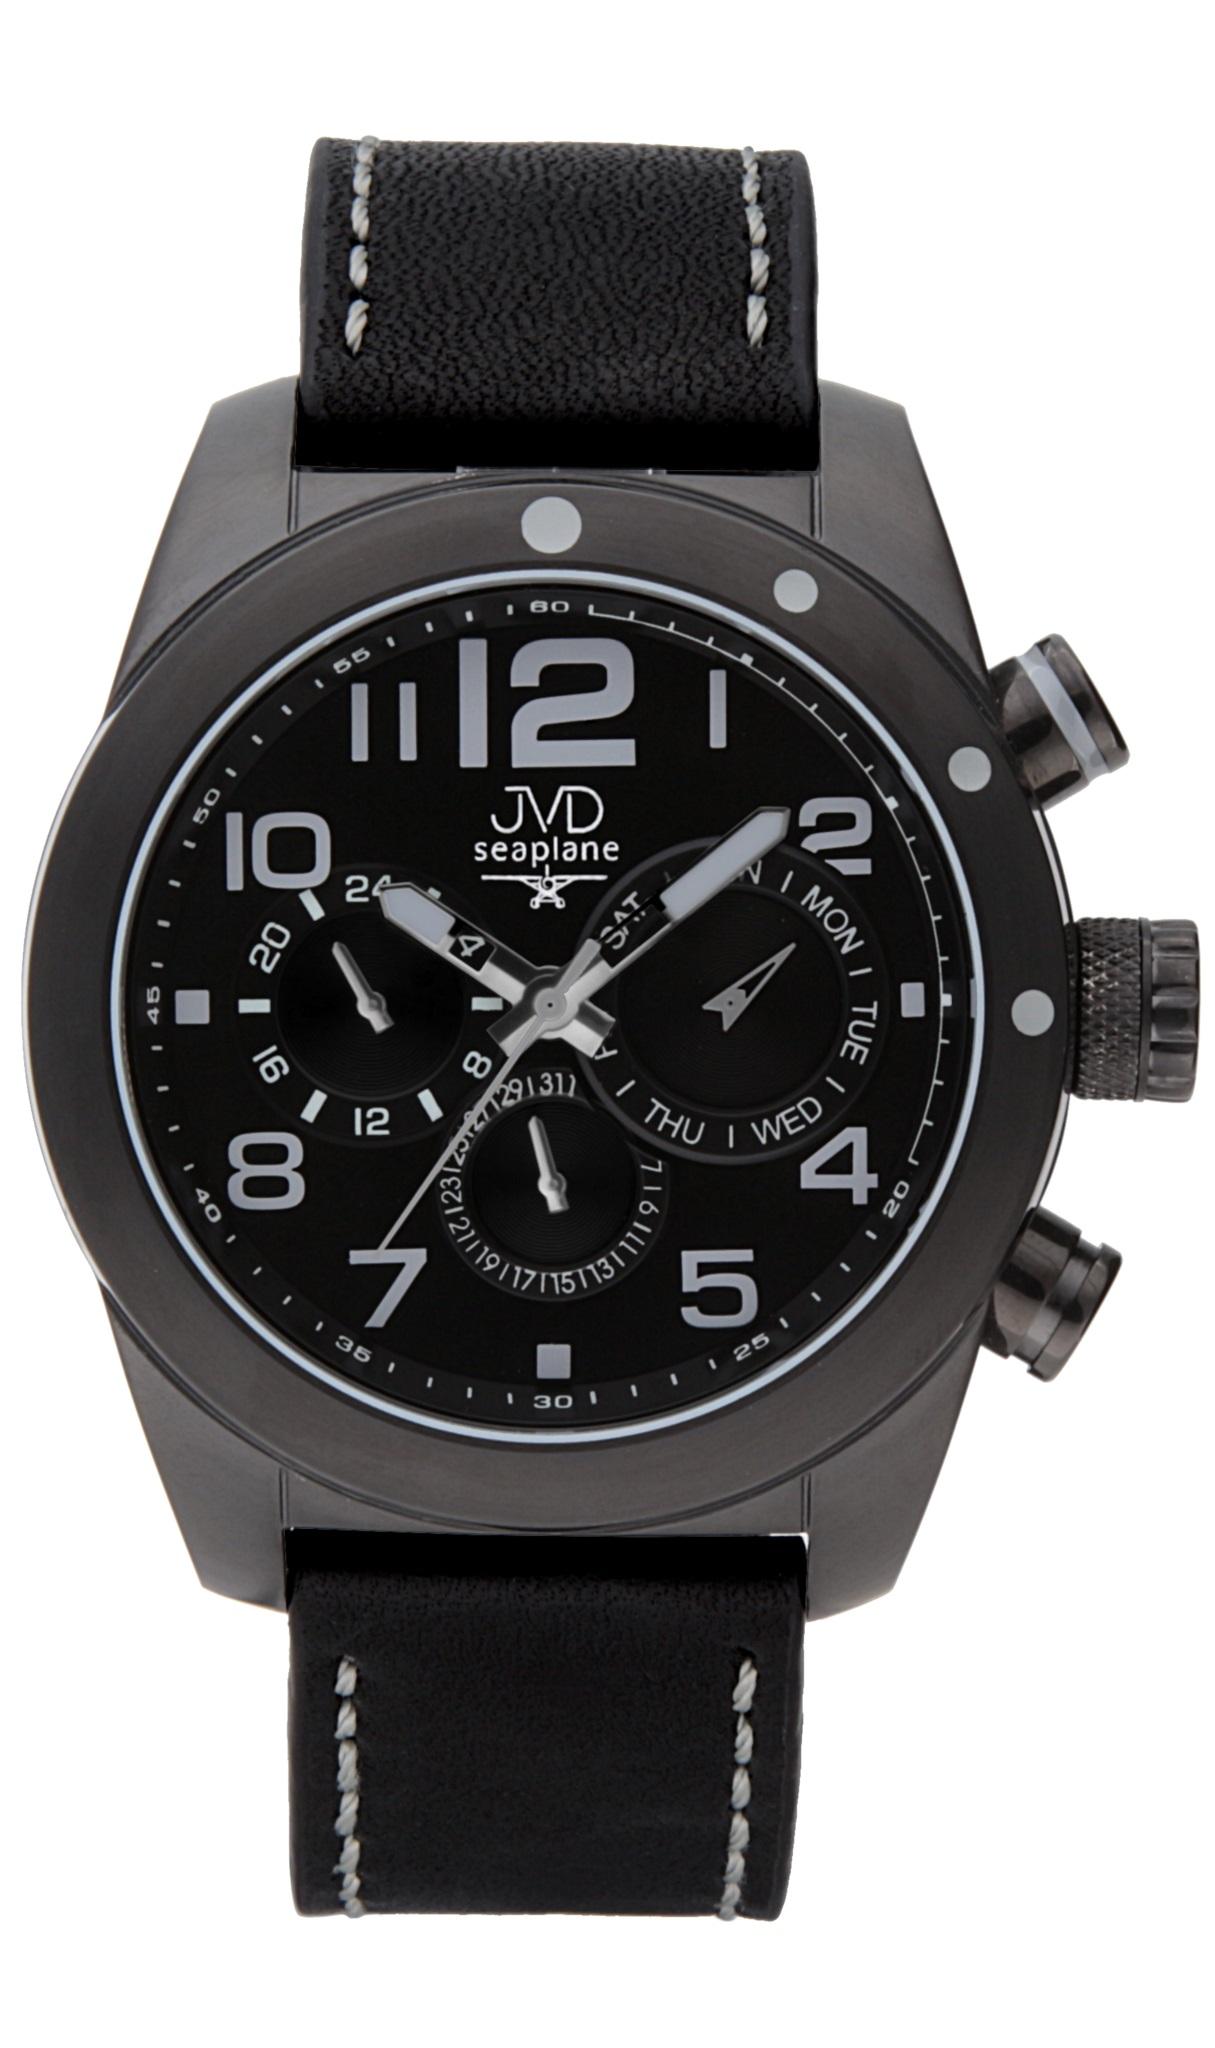 Pánské luxusní ocelové hodinky JVD seaplane W75.2 - chrnografy 10ATM